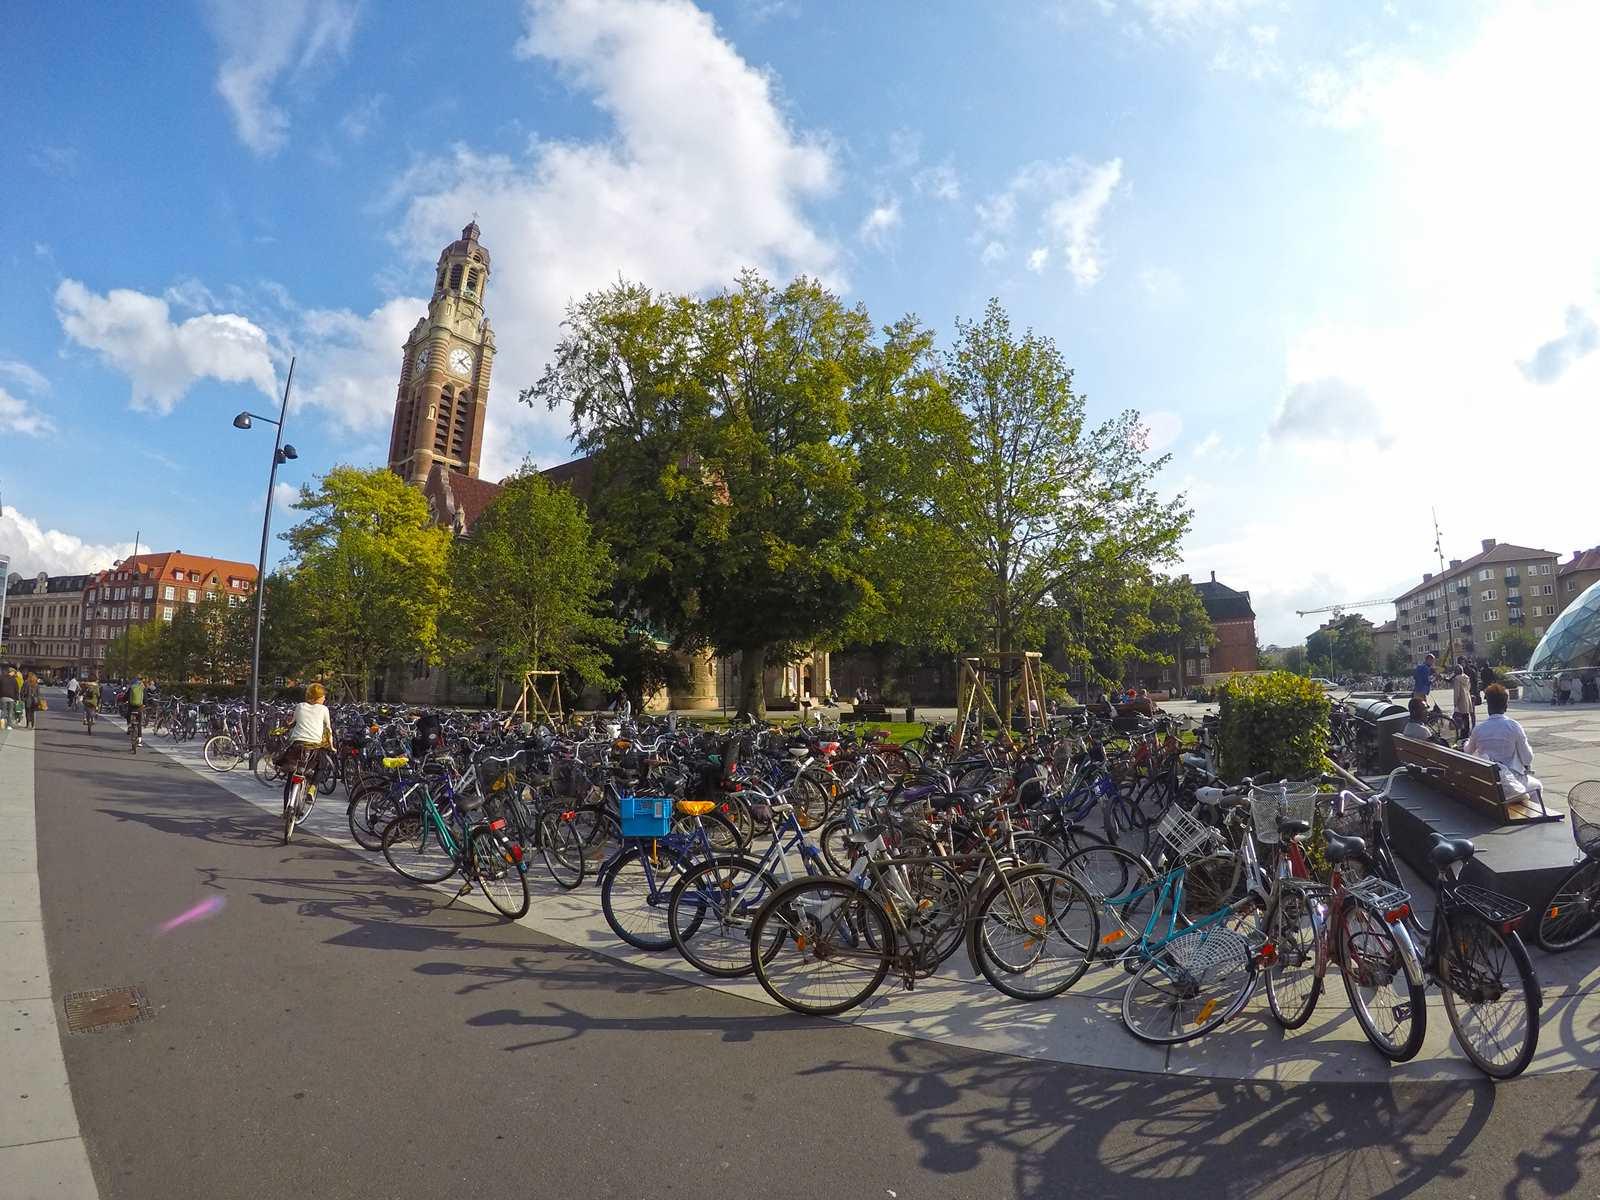 Bike park in Lund